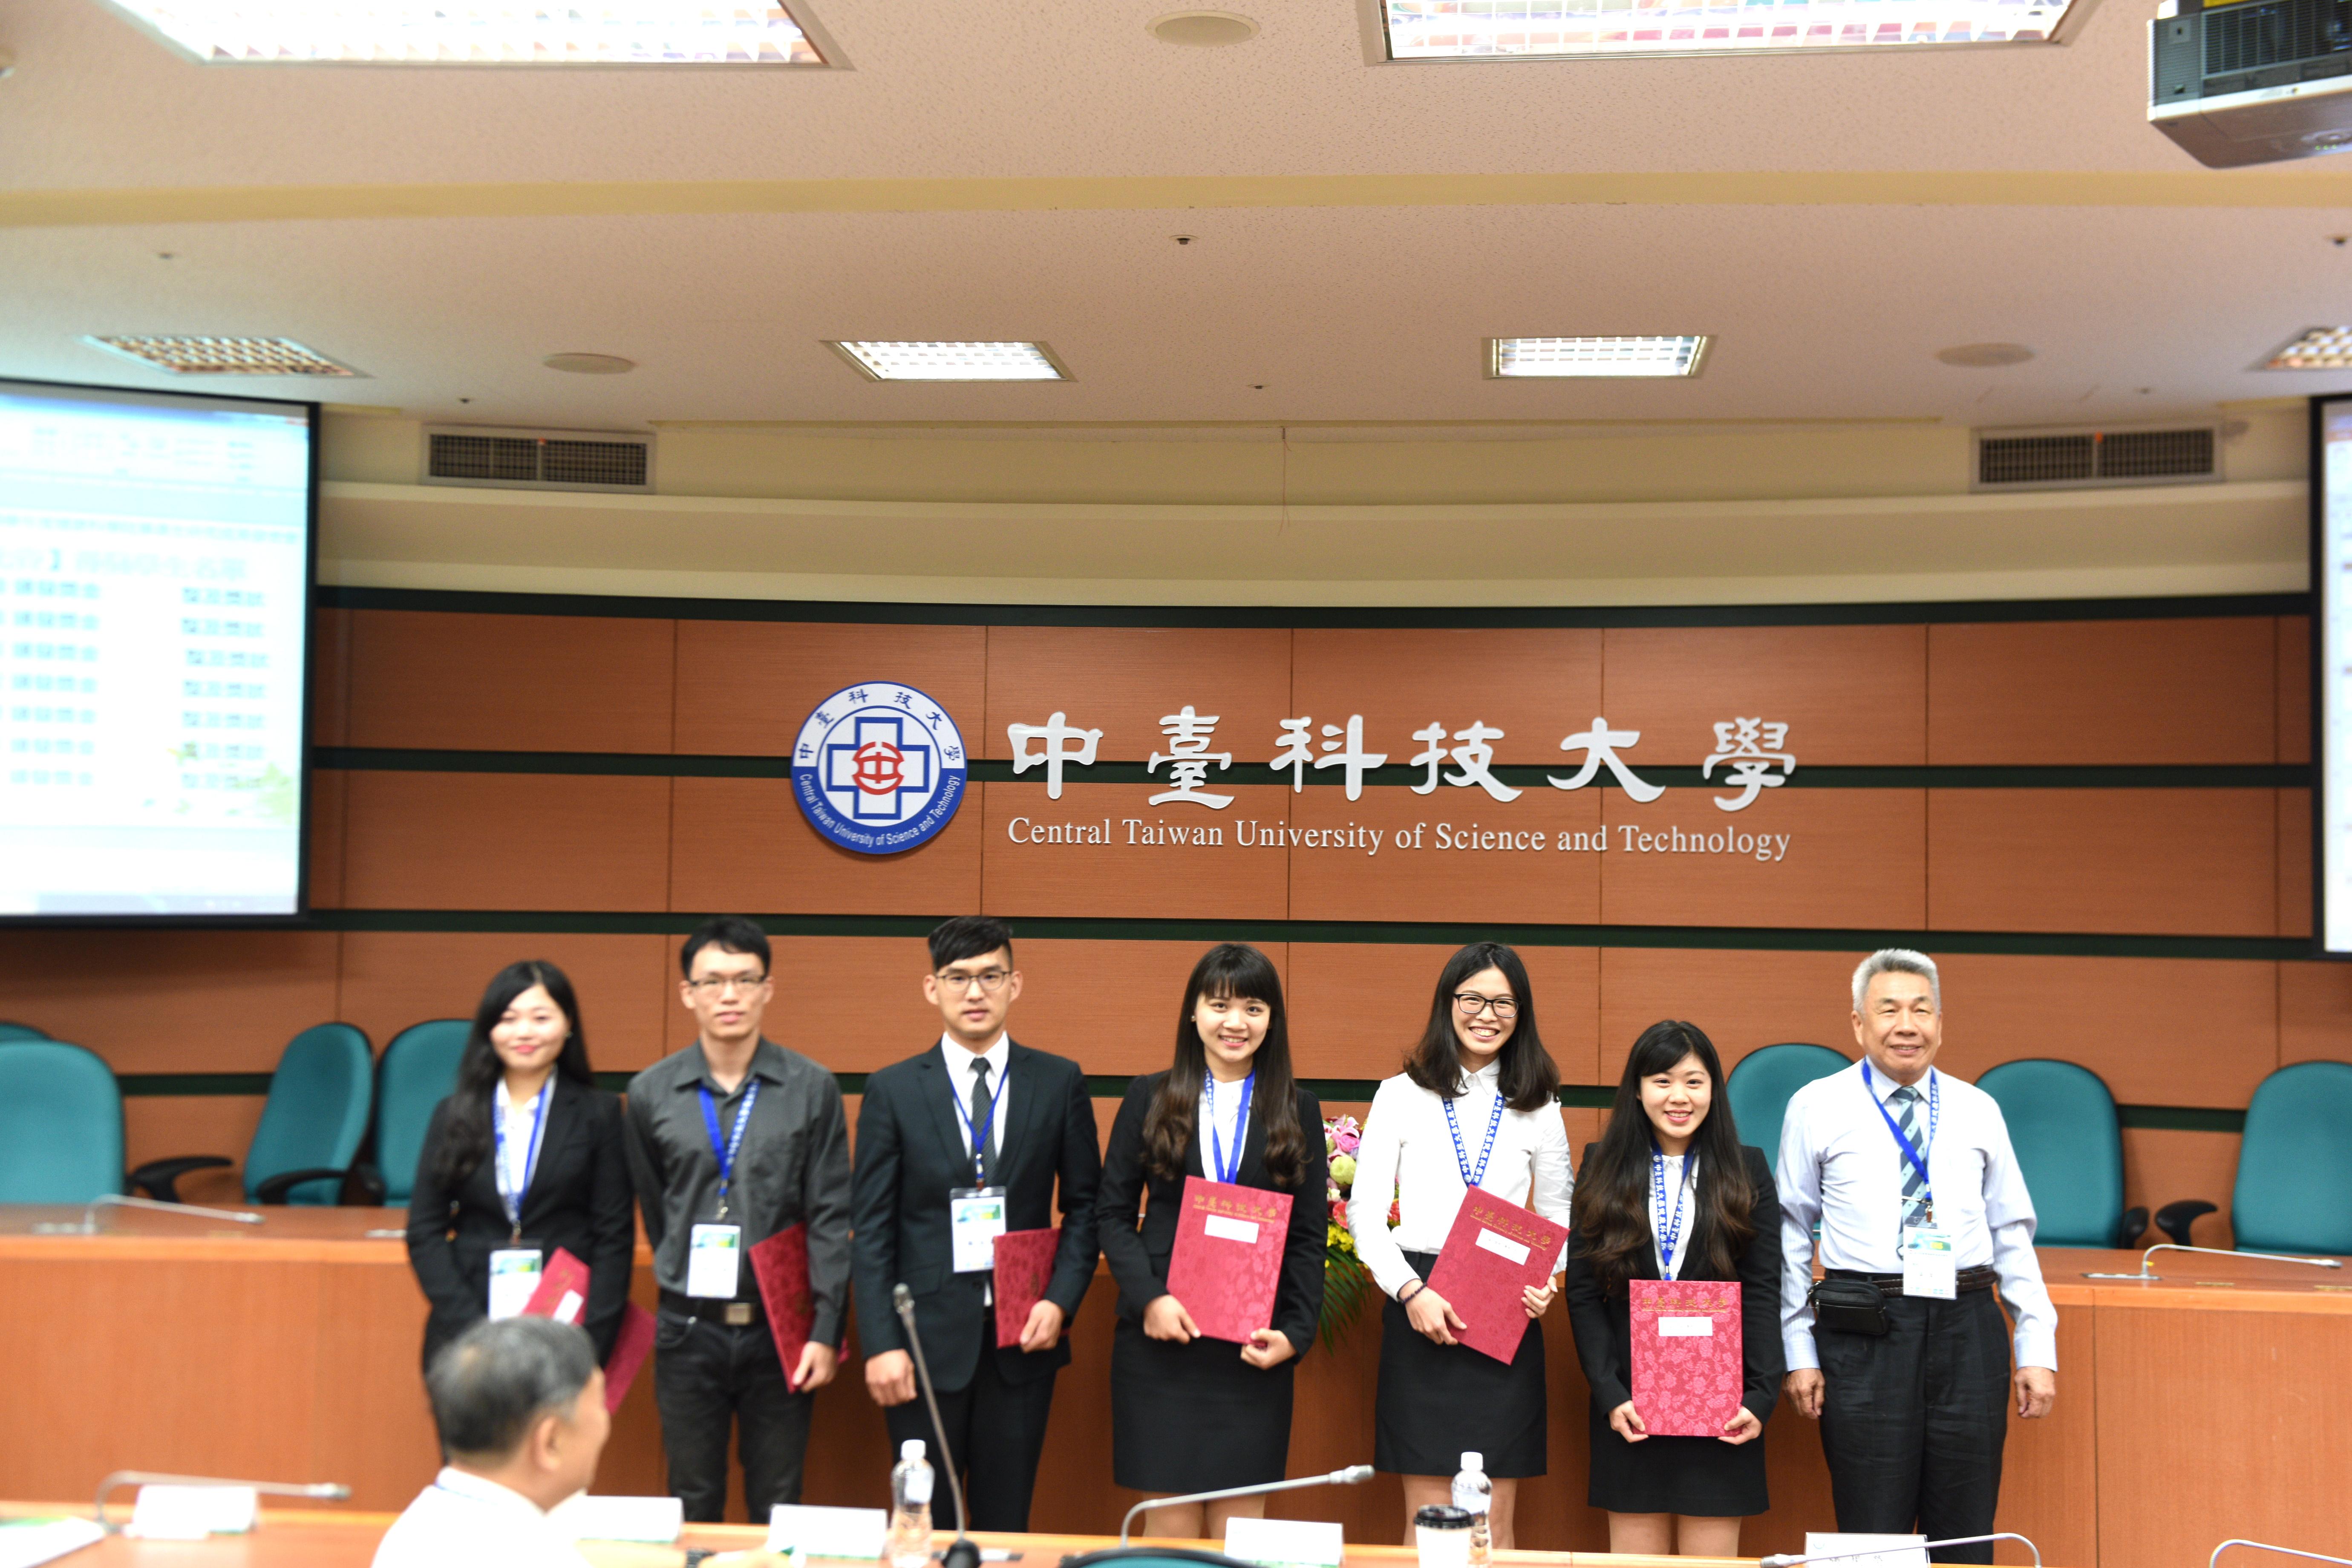 本所研究生施旻宏(左三)榮獲第九屆畢業生成果發表會論文壁報佳作(106.6.2)